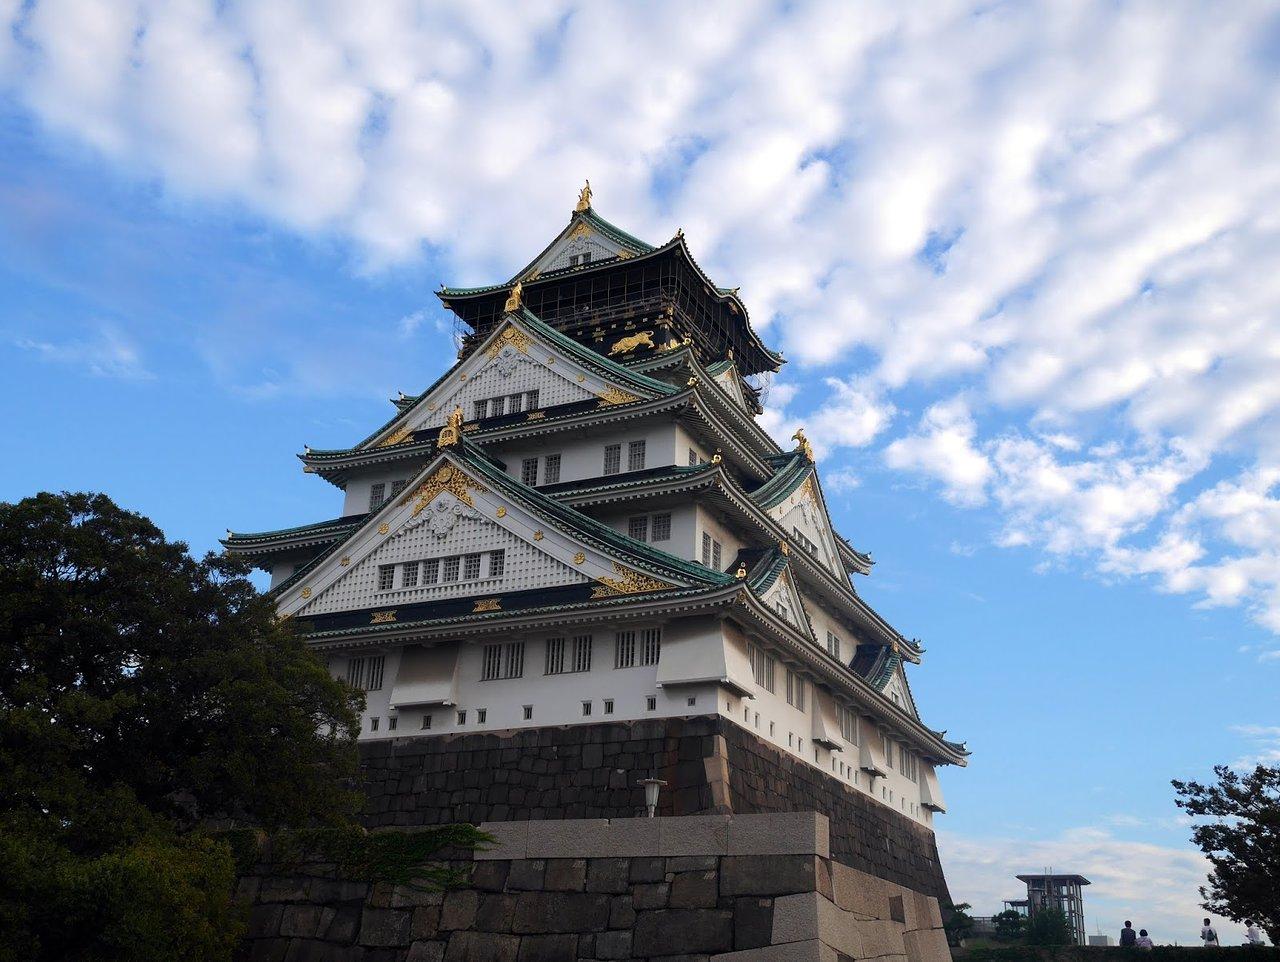 připojte se v Osace nejlepší bezplatné interracial datování aplikace